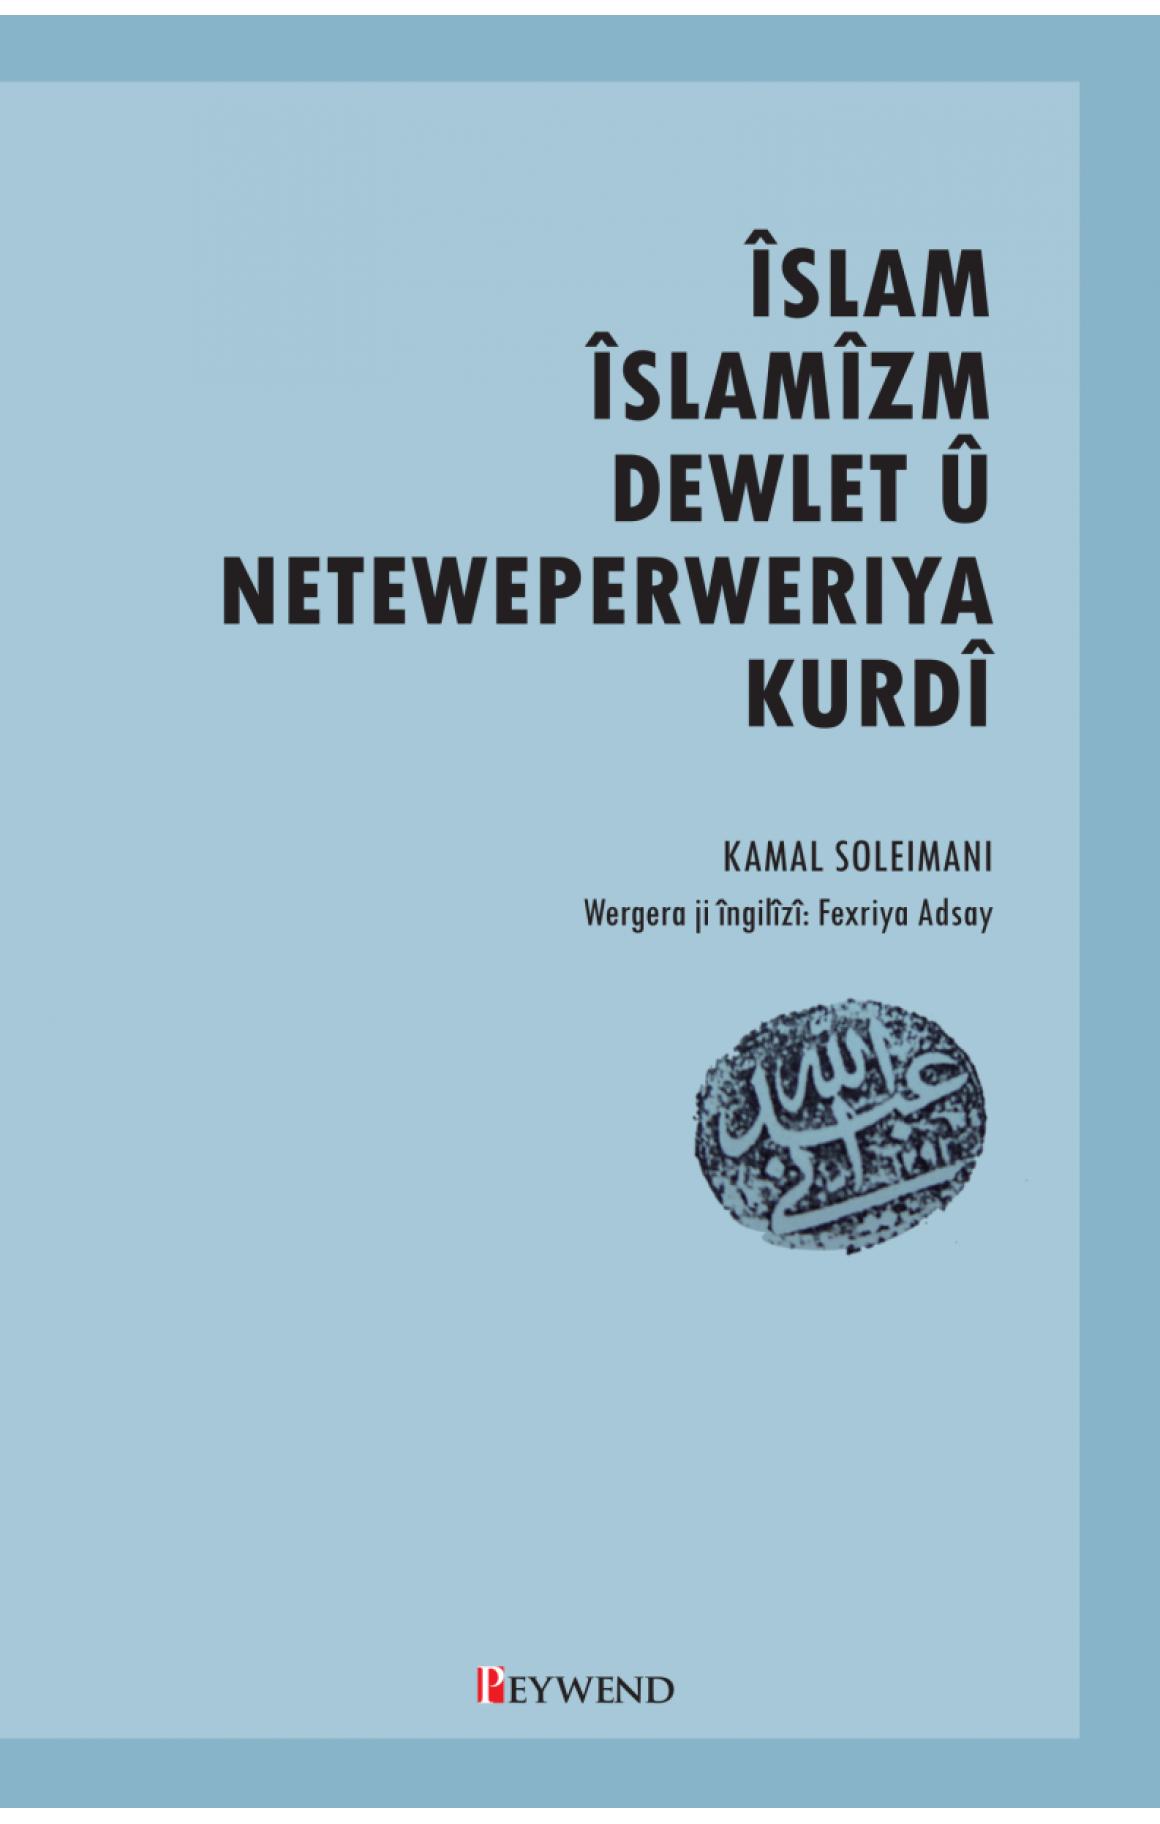 Îslam, Îslamîzm, Dewlet  û Neteperweriya Kurdî